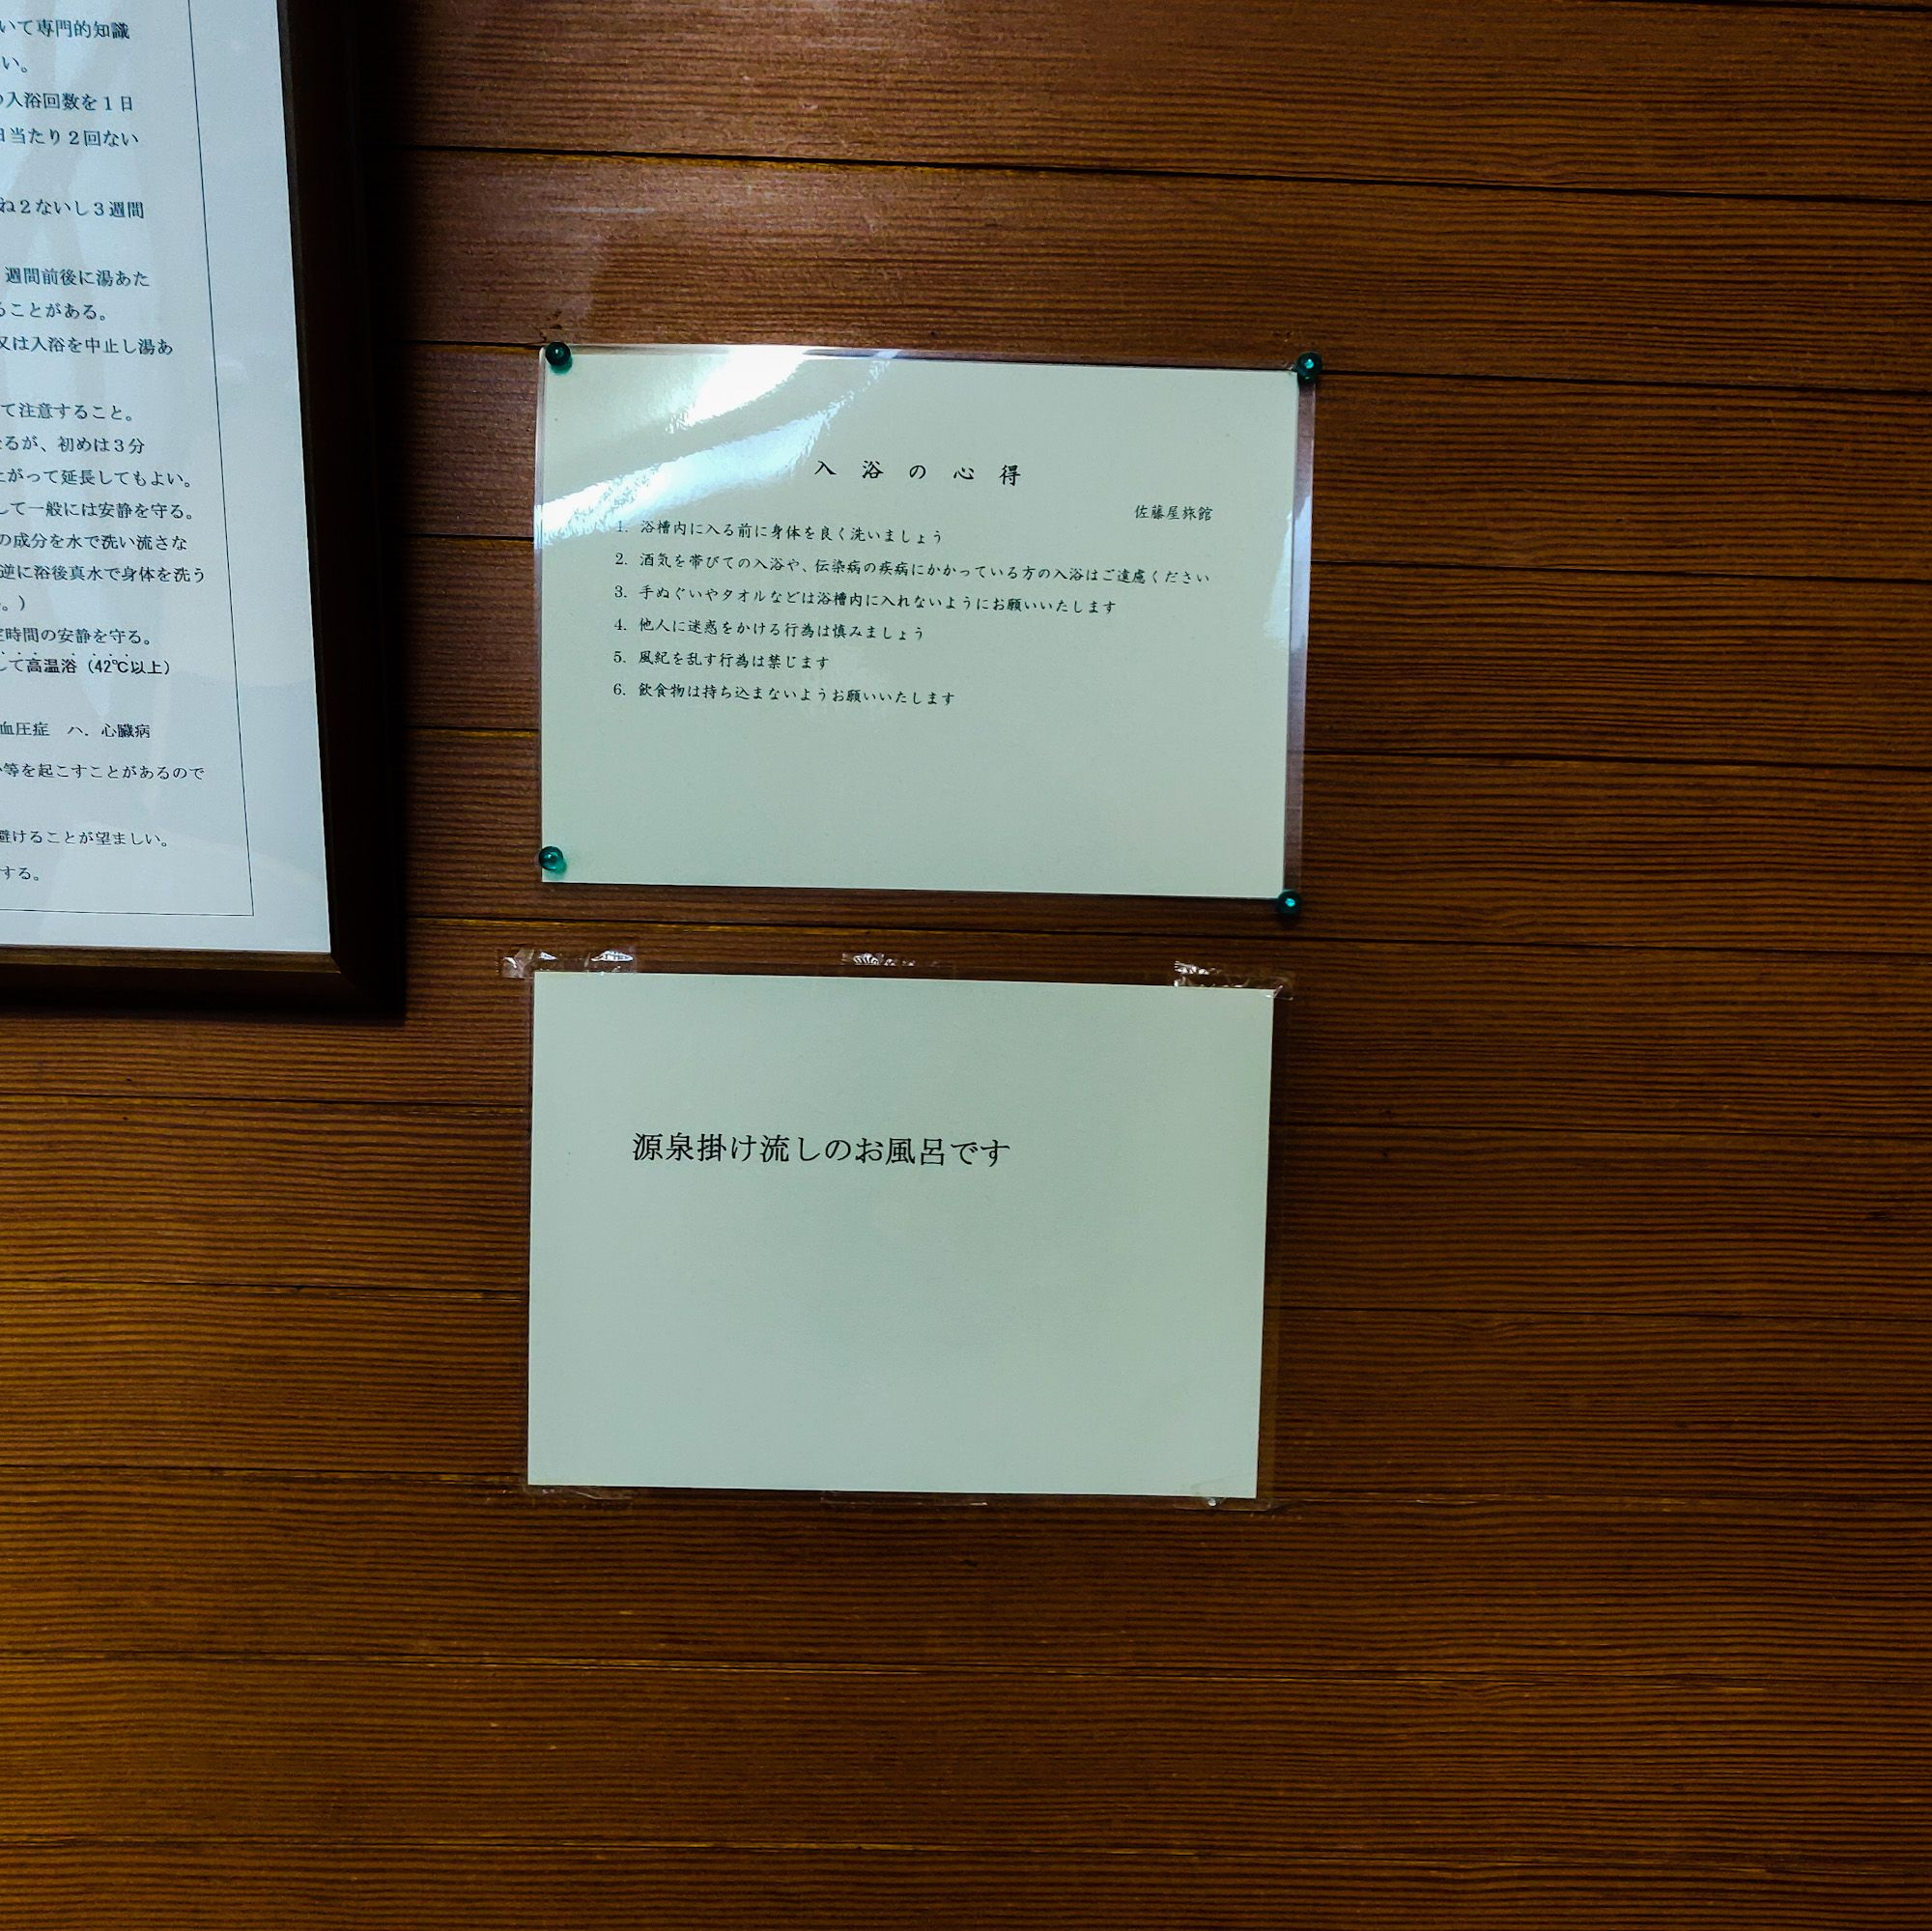 秋保温泉 佐藤屋旅館 掲示